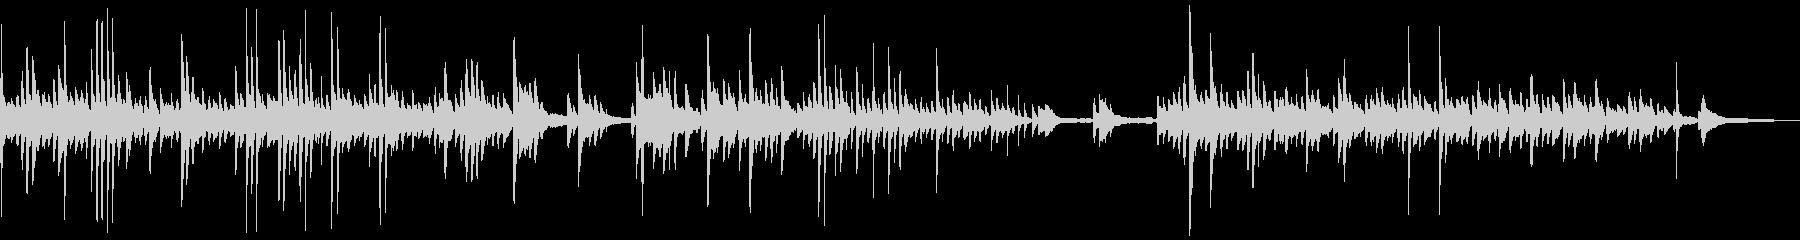 静穏で神秘的な雰囲気のピアノソロBGMの未再生の波形